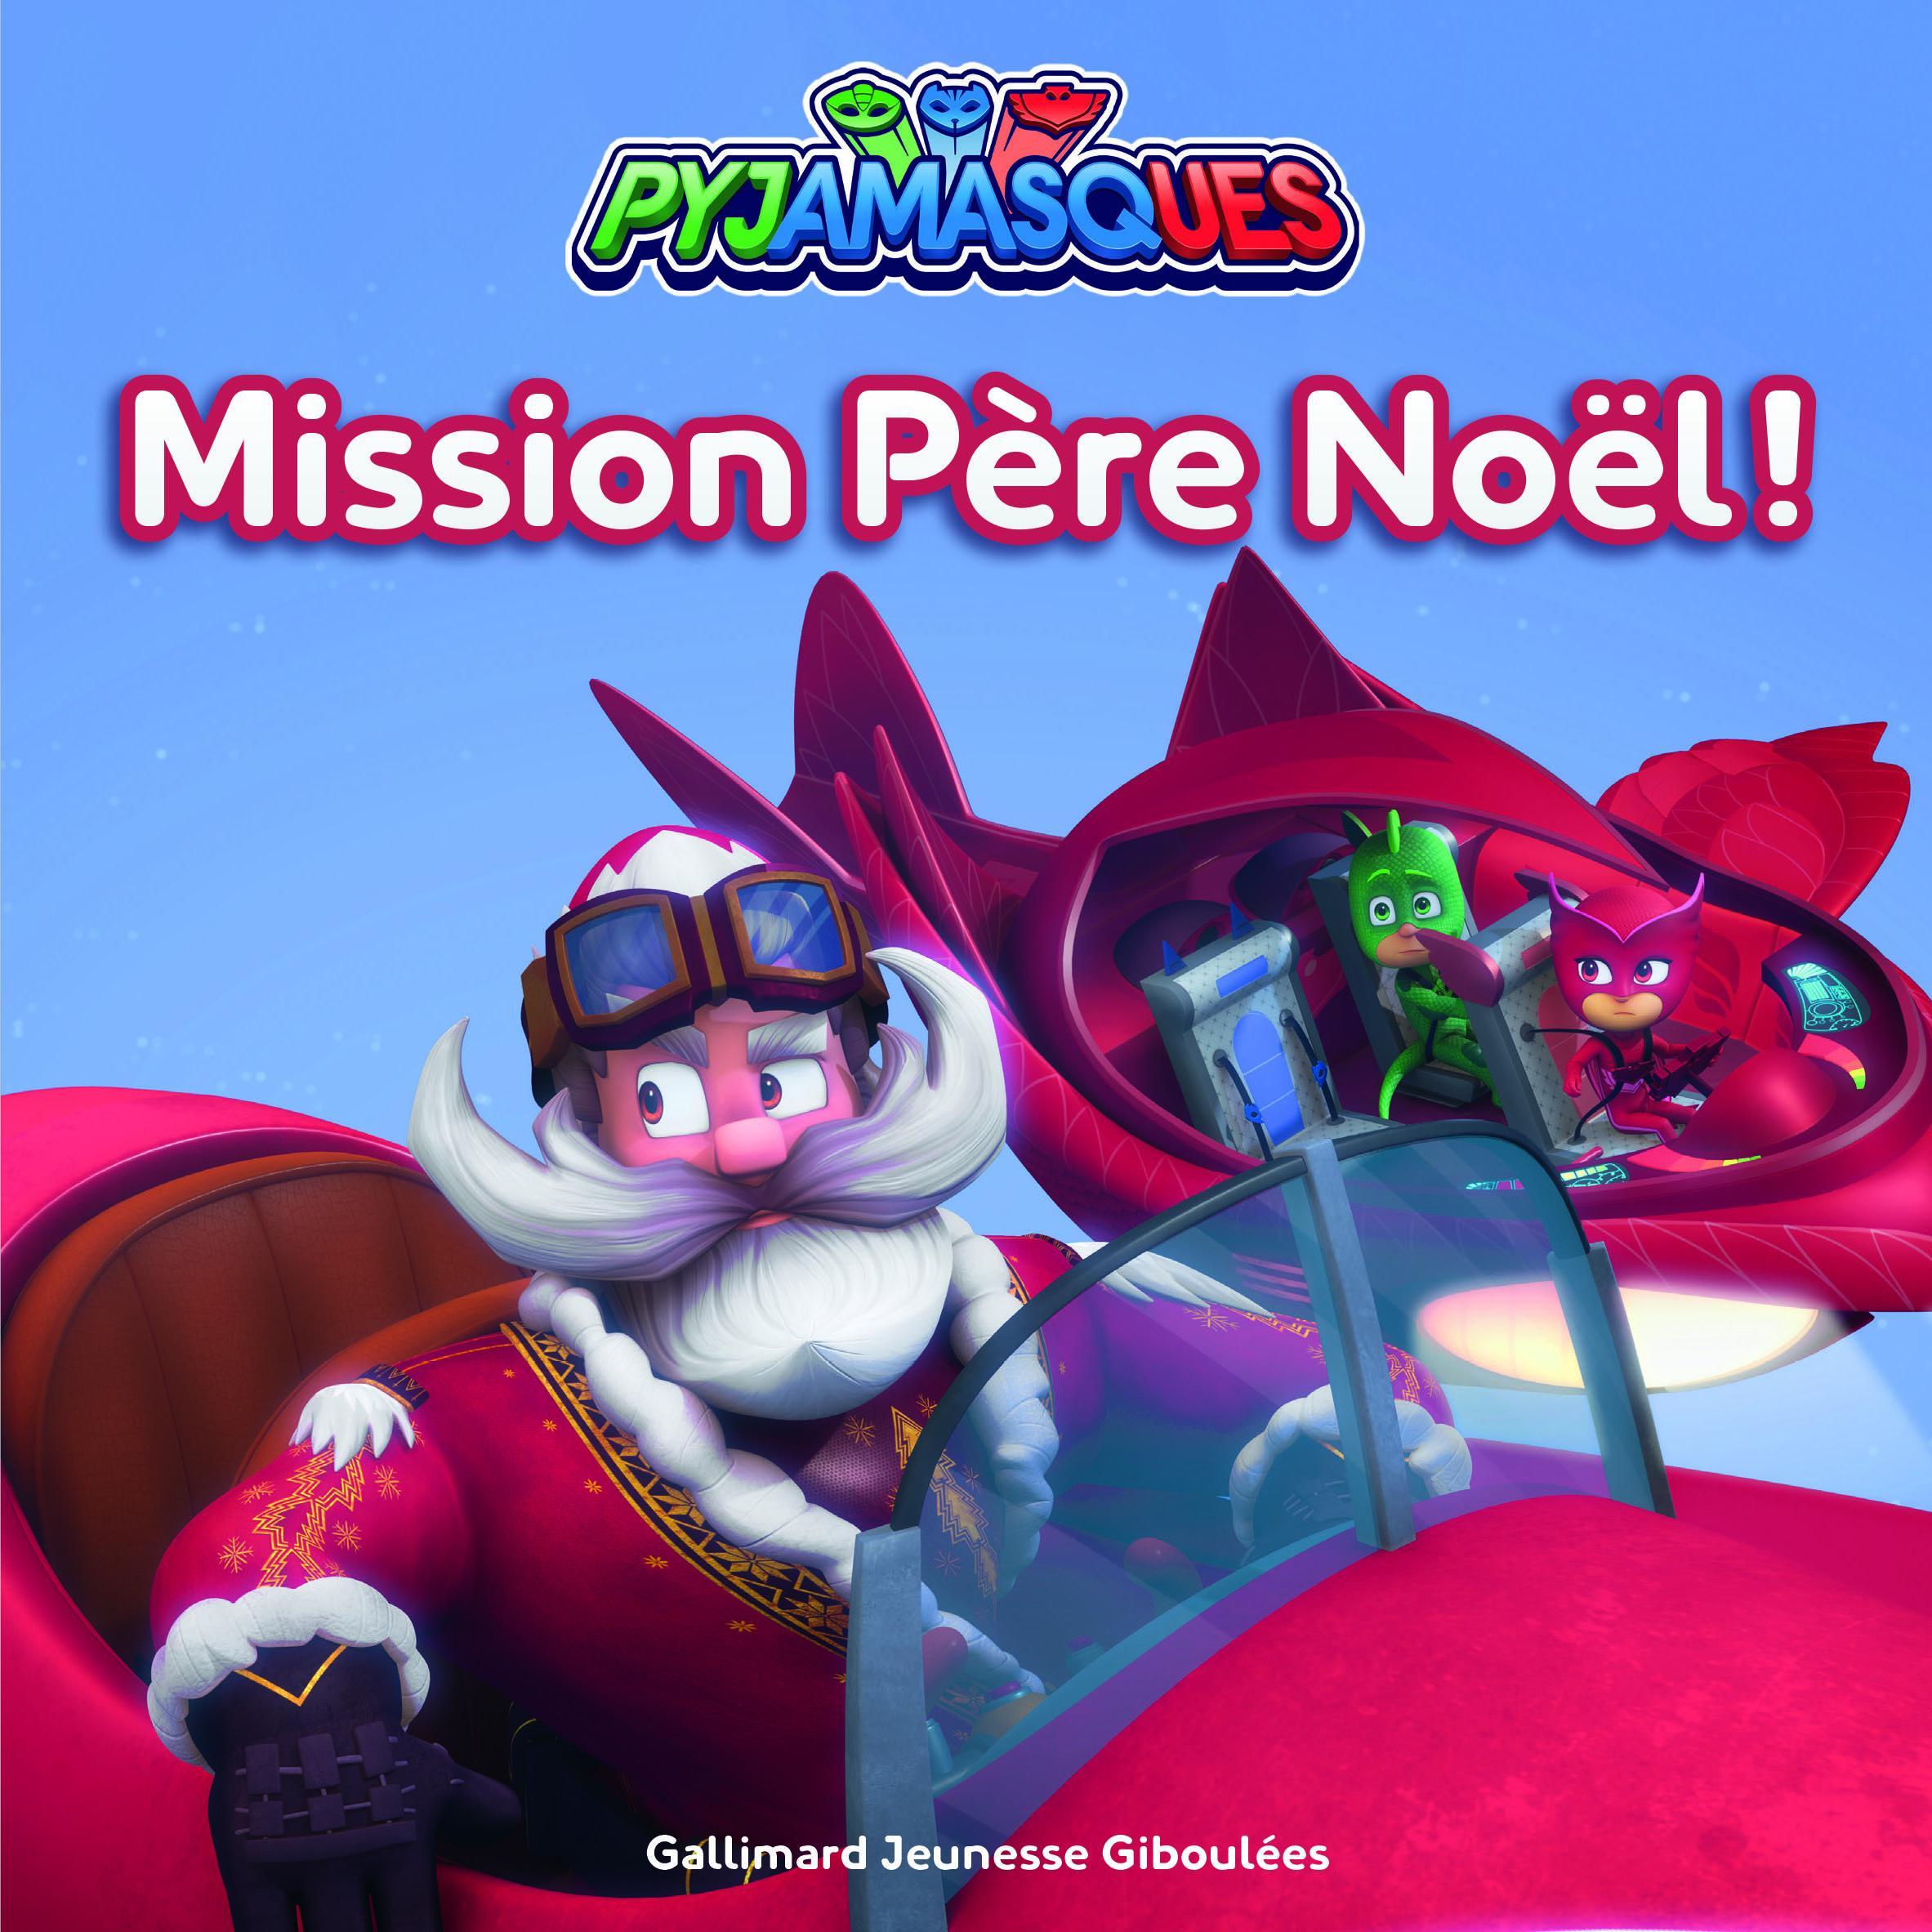 Mission Père Noël!